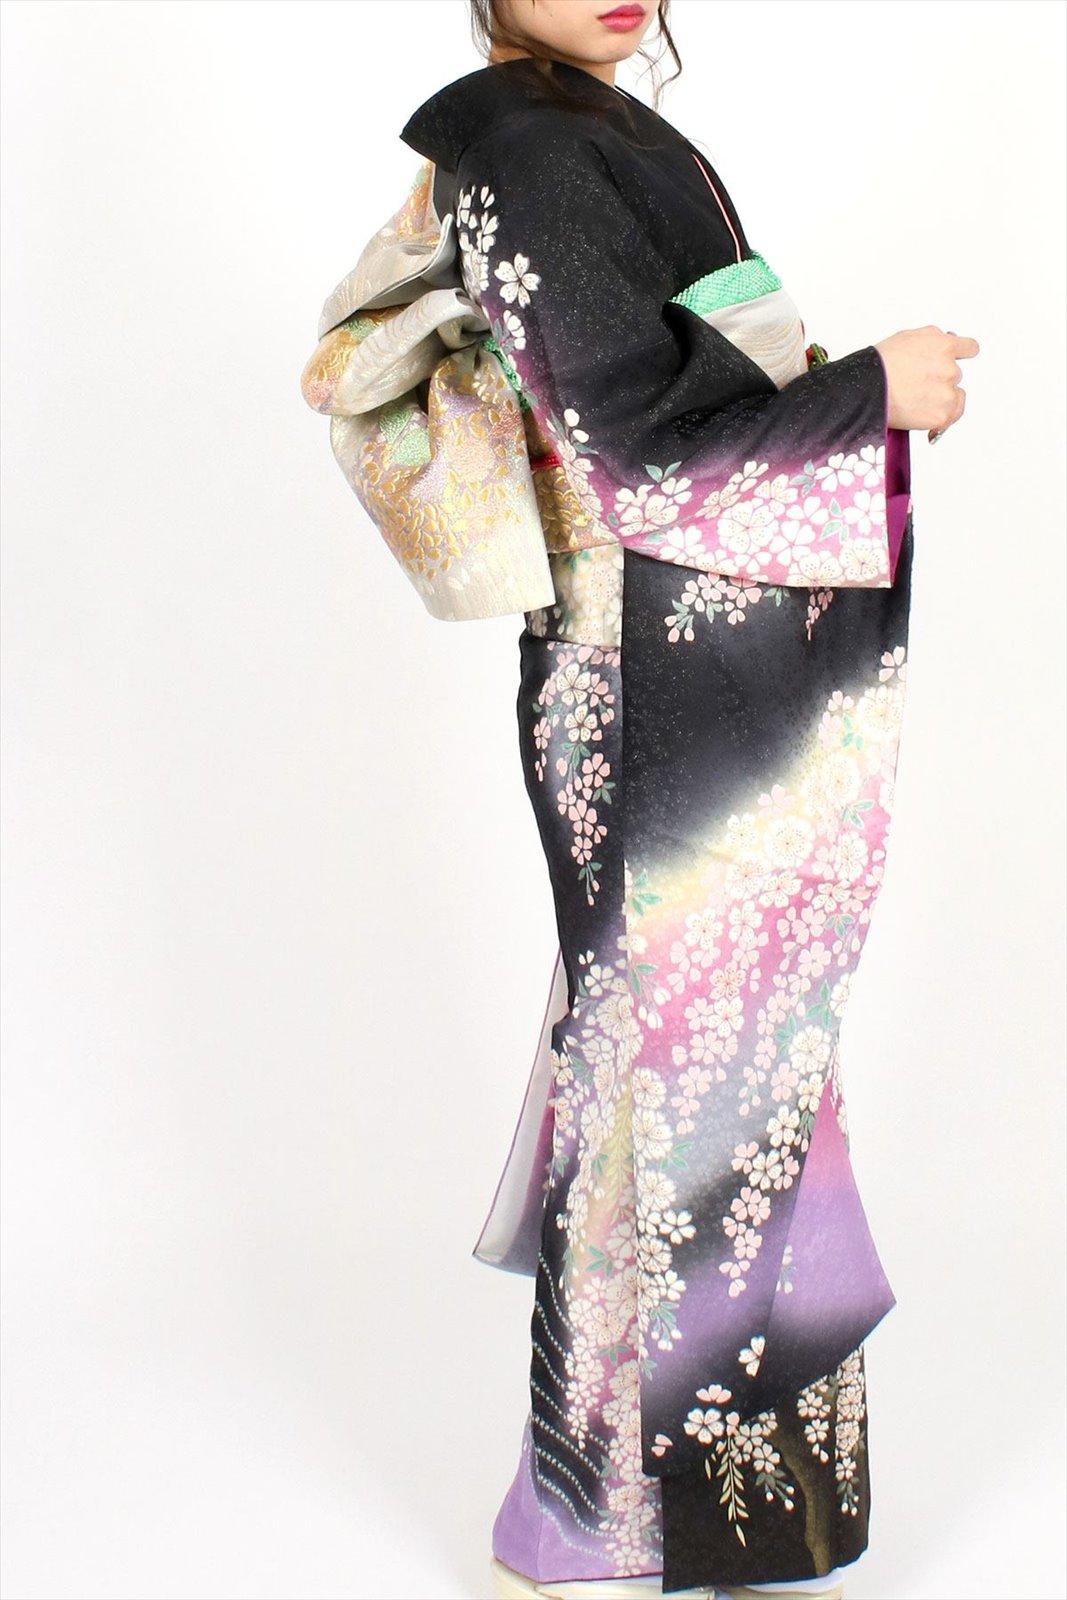 【成人式】 [安心の長期間レンタル]【対応身長150cm〜165cm】【正絹】レンタル振袖フルセット-418|花柄|クール系|定番|黒系|紫系|おぼろ|